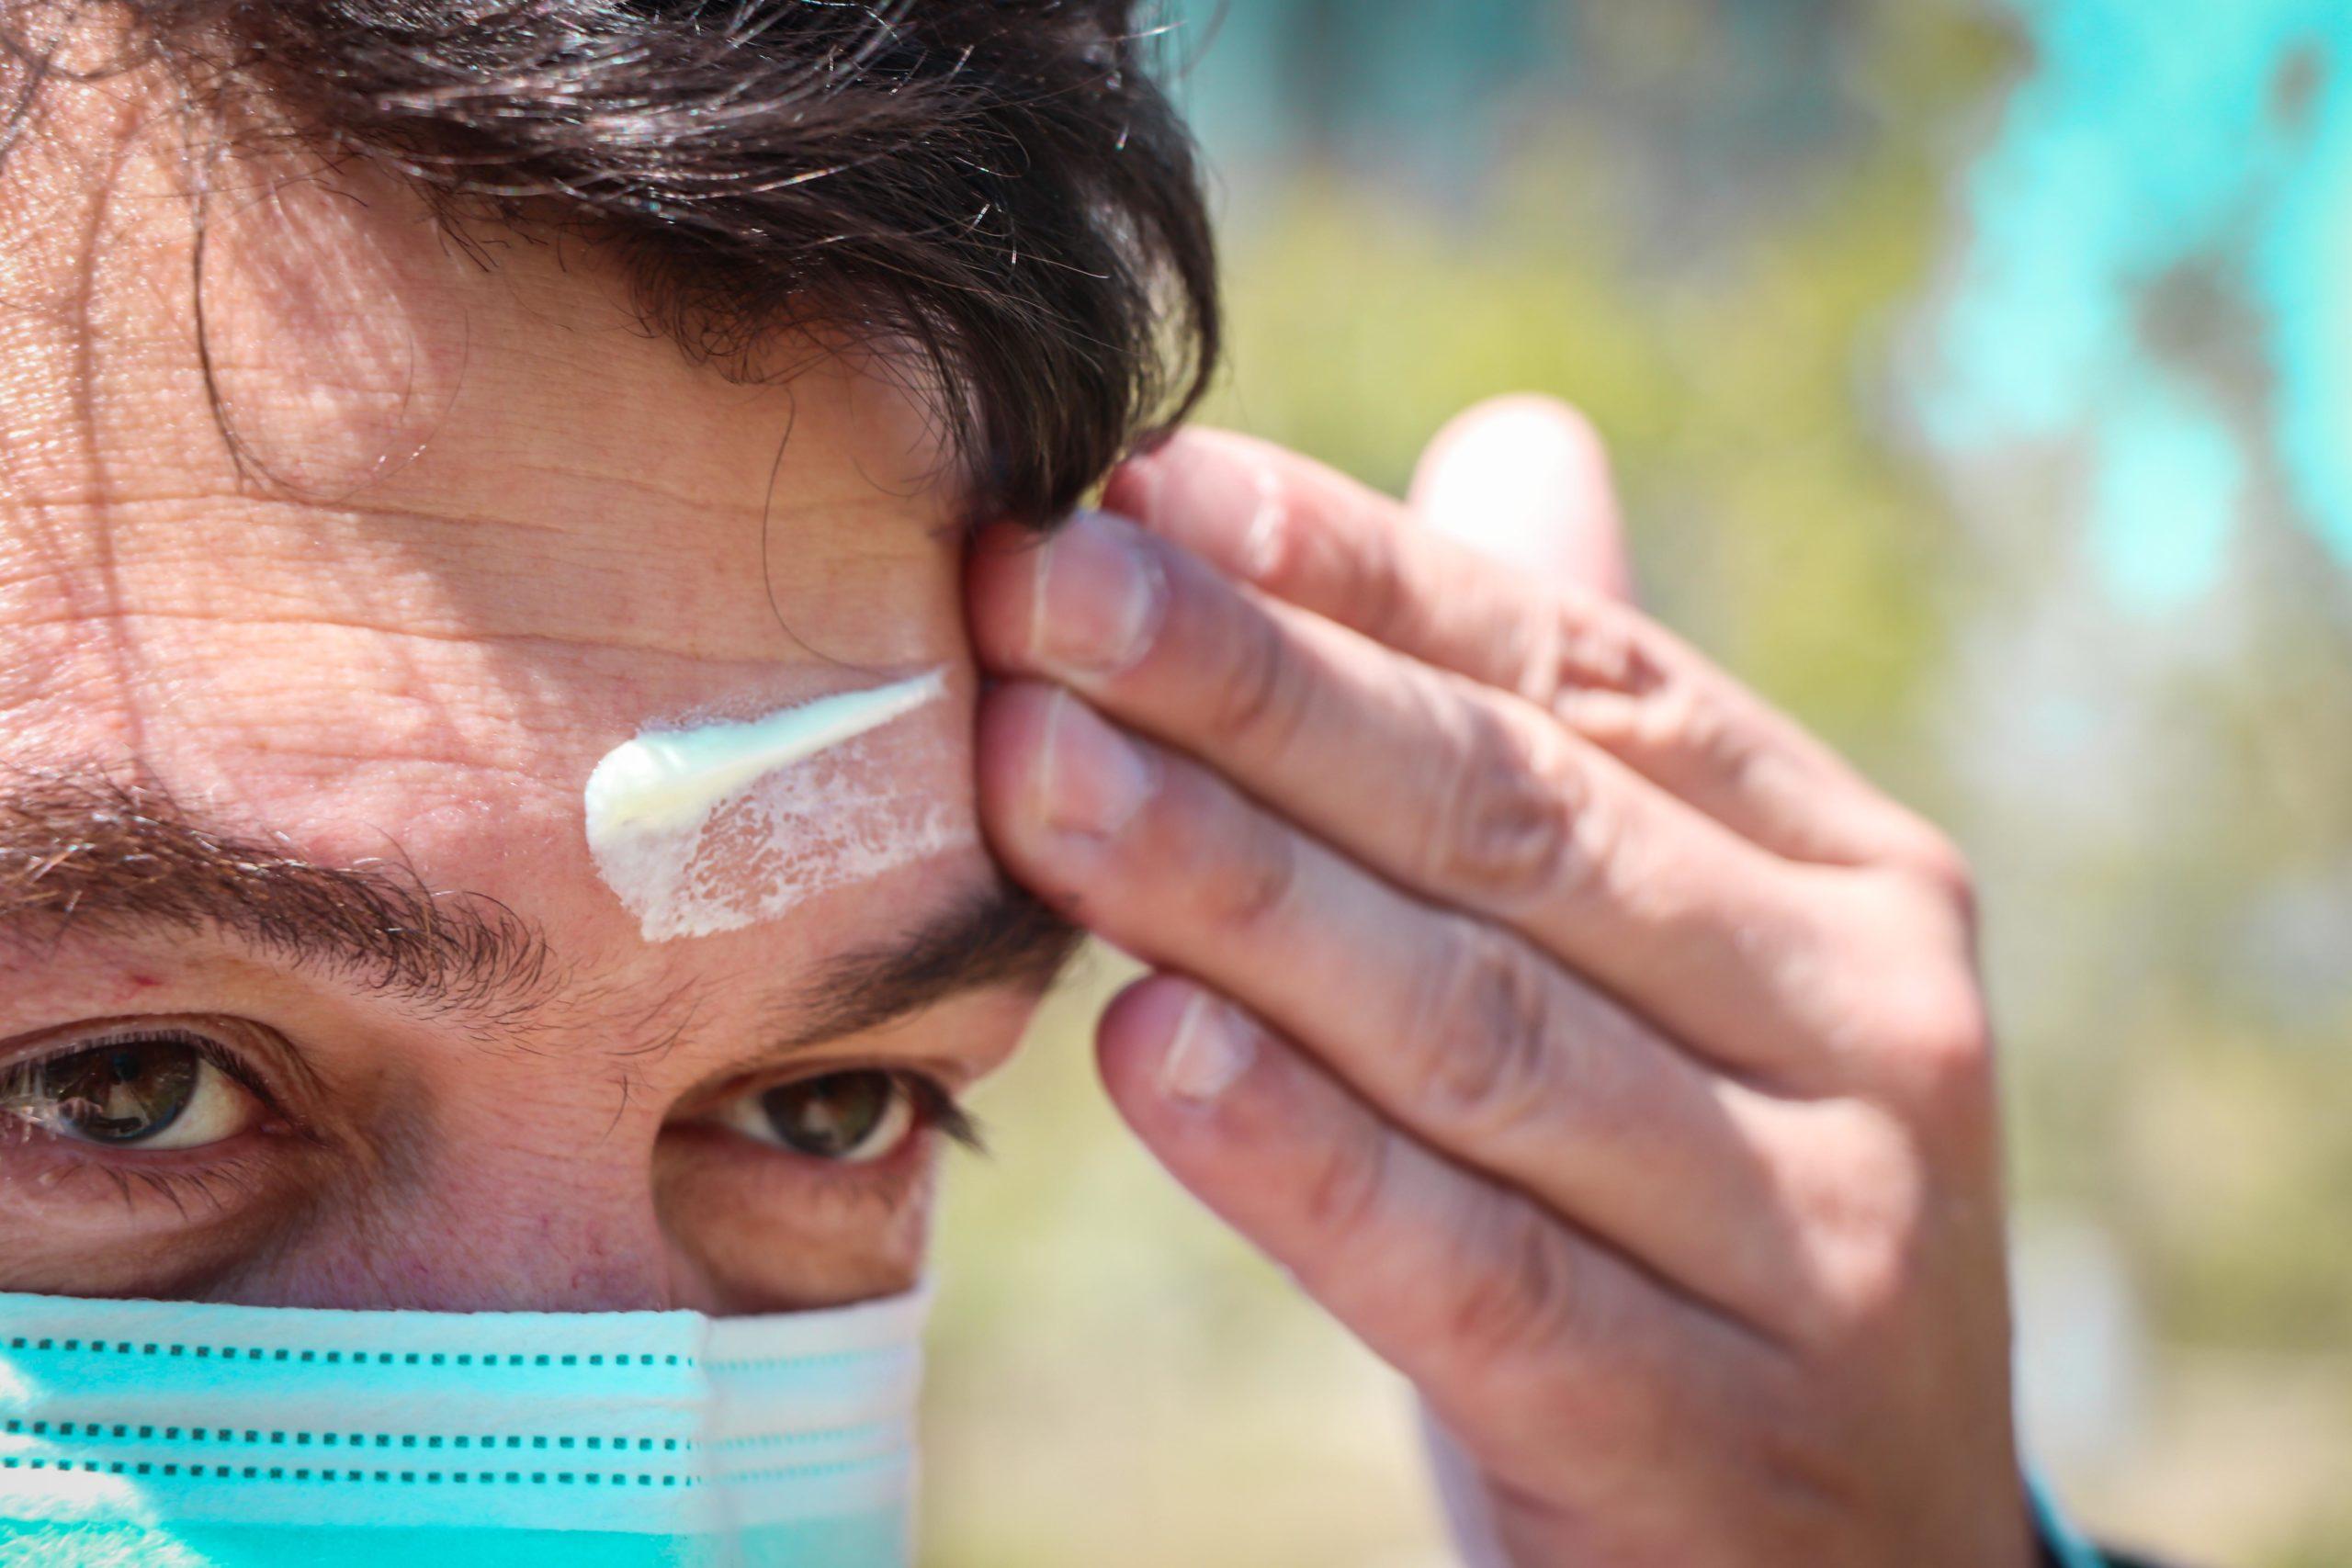 Llegó el calor: consejos para cuidar la piel de la radiación solar